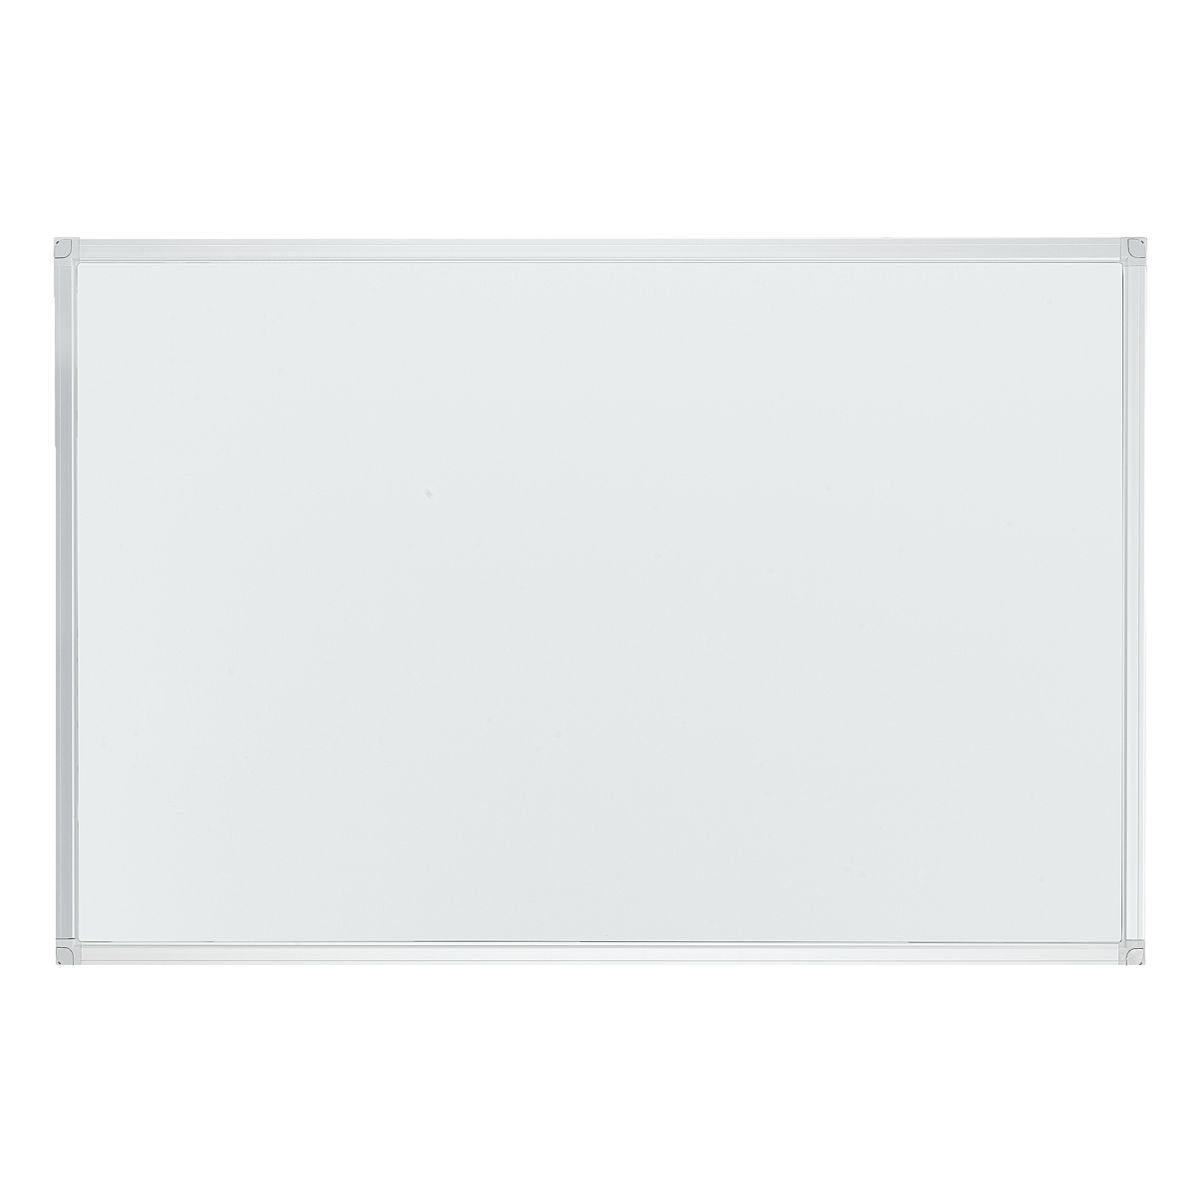 OTTOOFFICE STANDARD Whiteboard / Weißwandtafel 150 x 100 cm